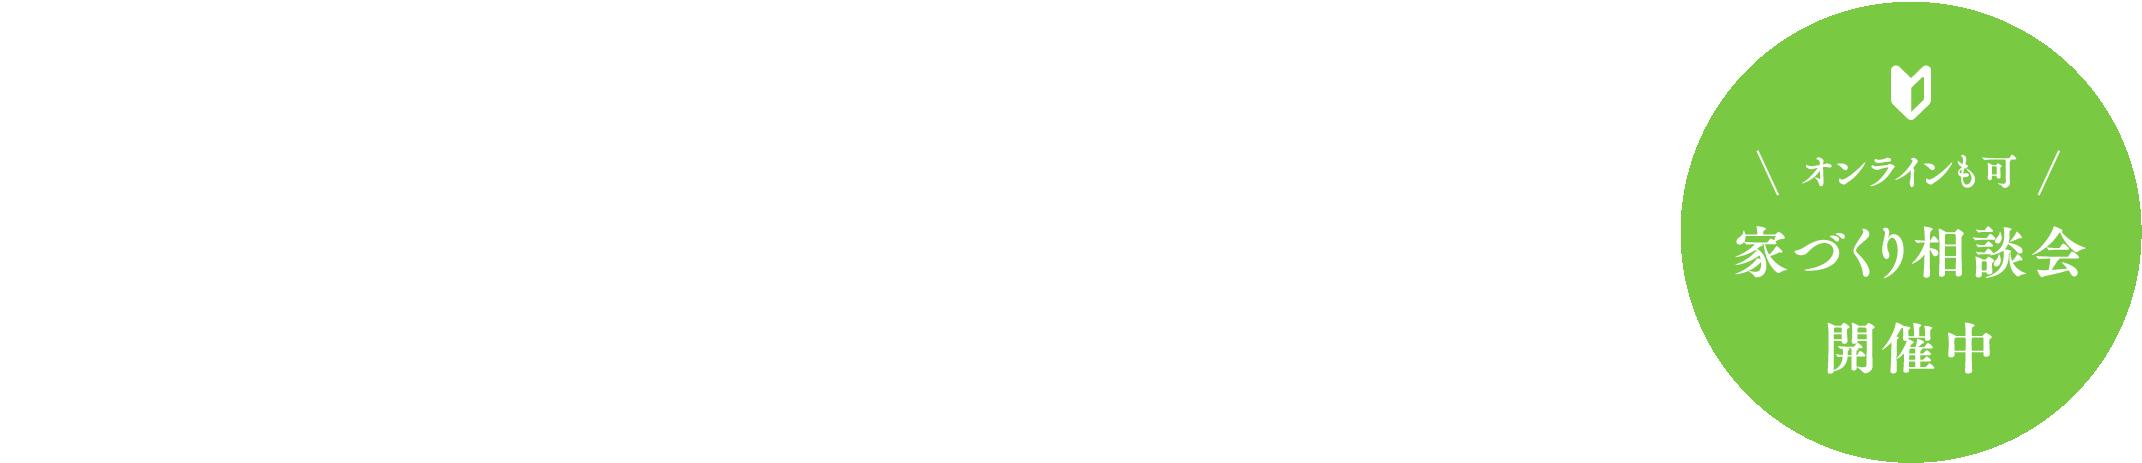 TETSU-BRAVE DESIGN STUDIO